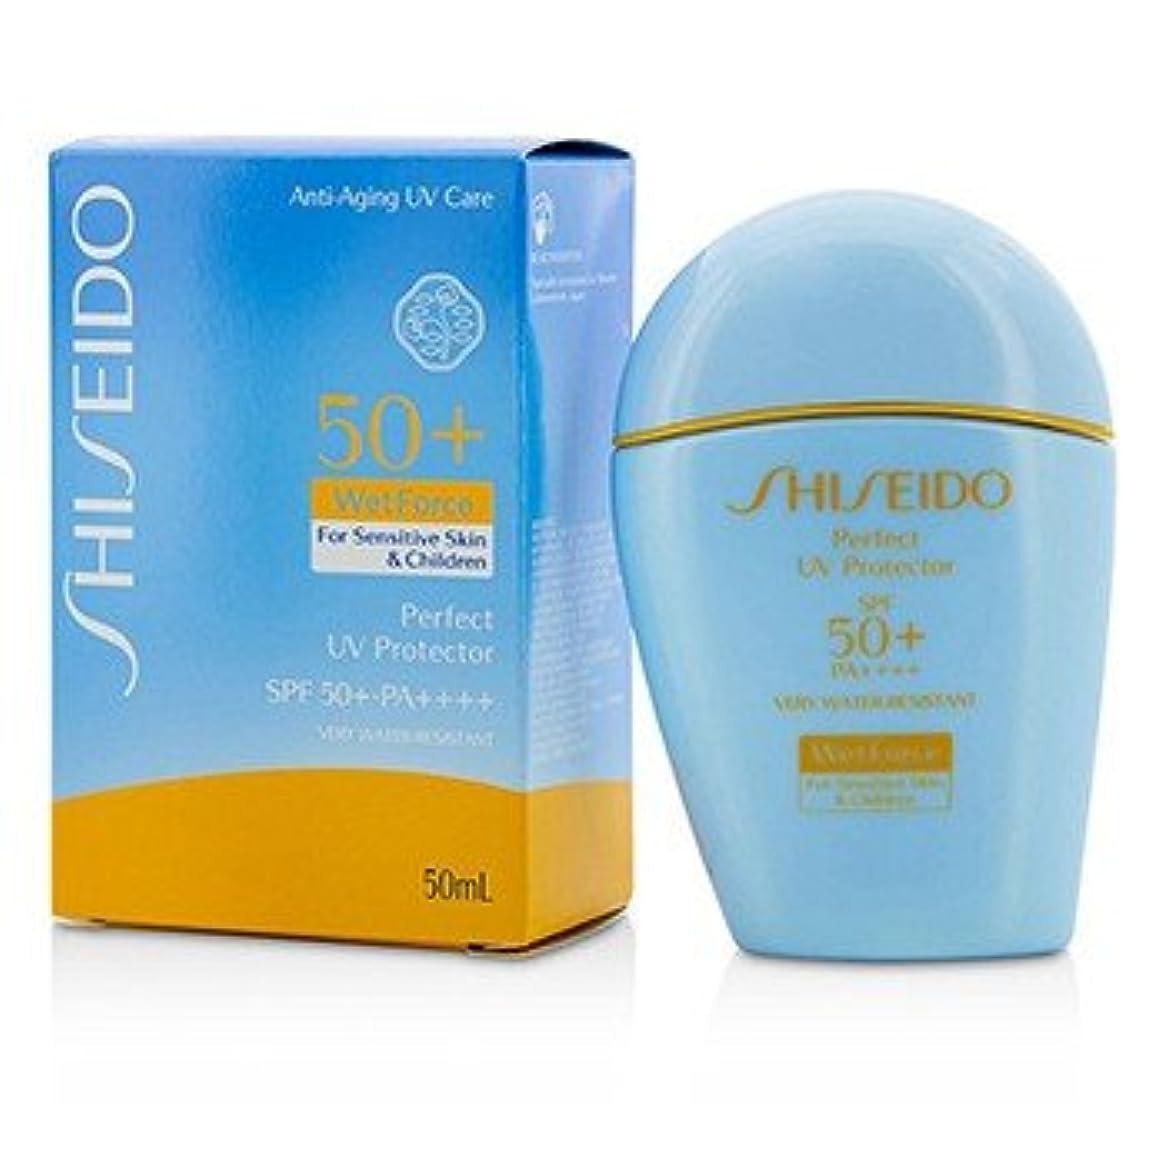 目を覚ます舗装請負業者[Shiseido] Perfect UV Protector S WetForce SPF 50+ PA++++ (For Sensitive Skin & Children) 50ml/1.7oz